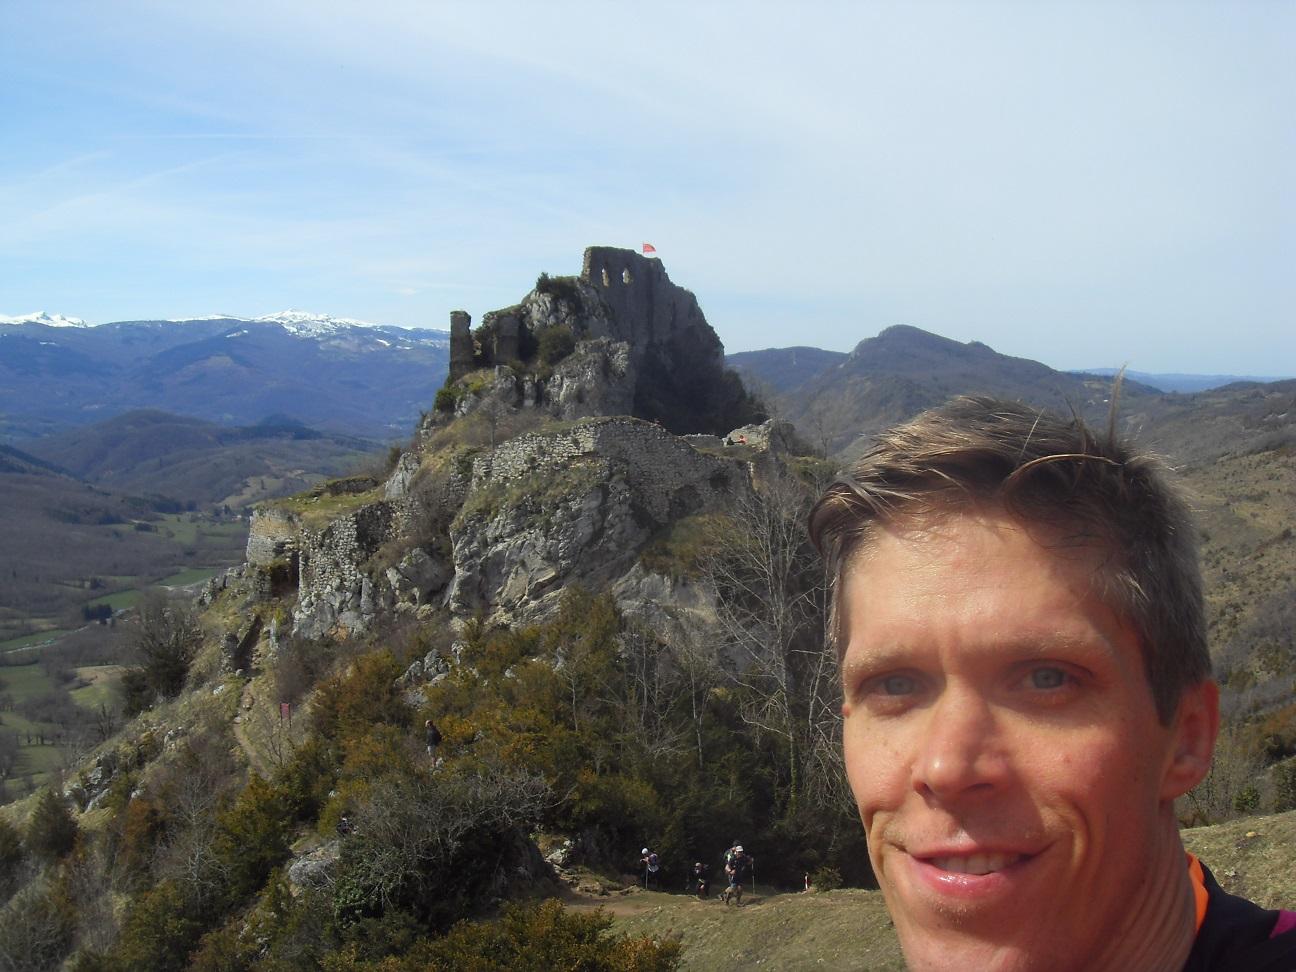 61- 2 heures après lui, Steph' fait la même photo que Lucho', en haut de Roquefixade